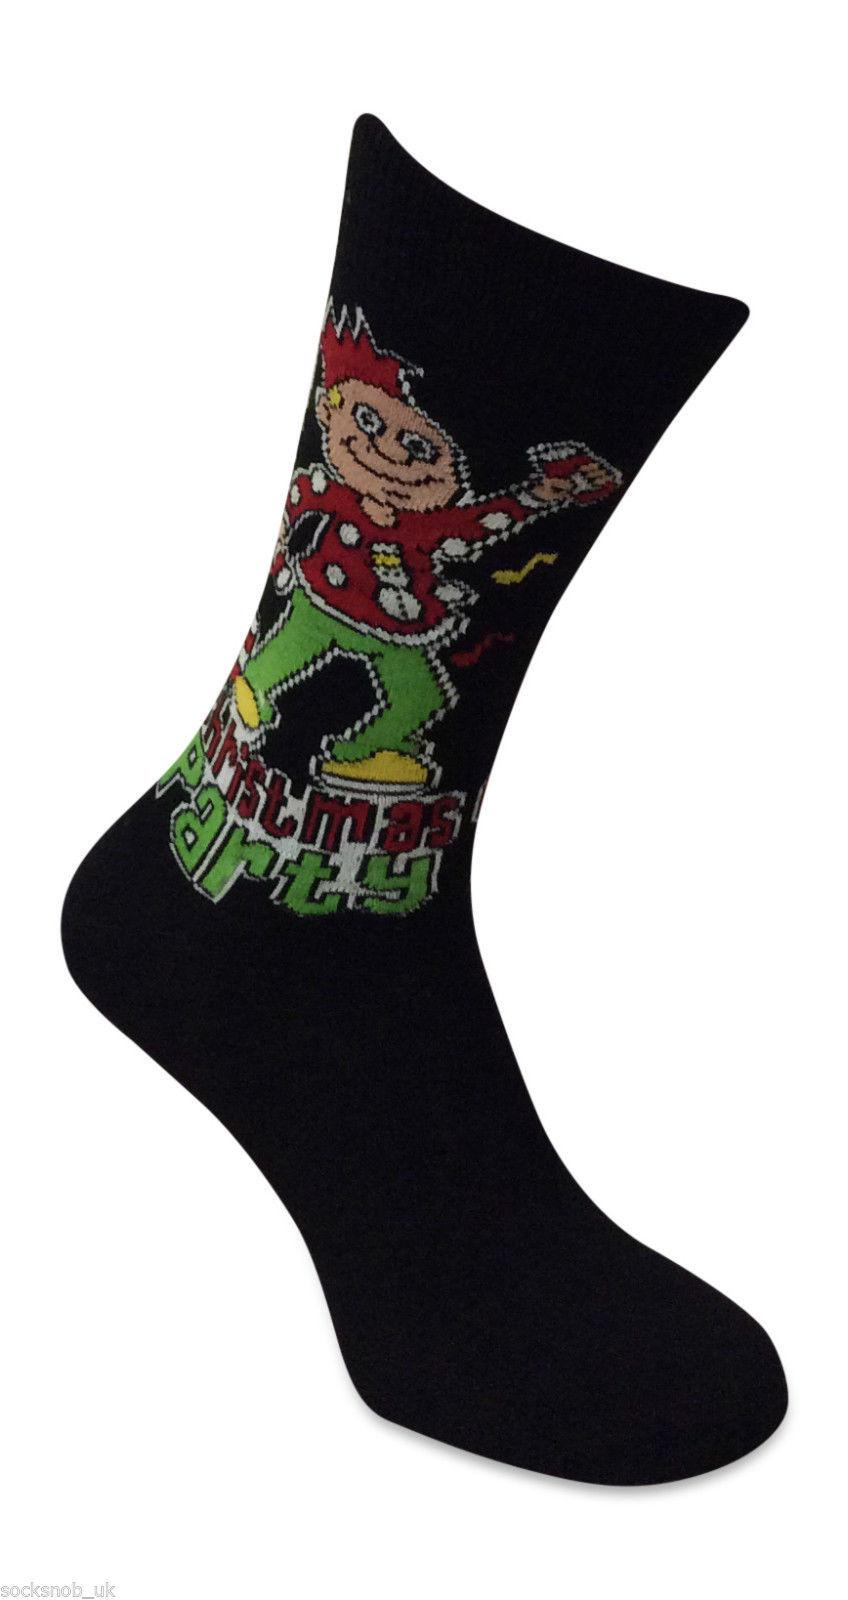 6, 12 Or 24 Pairs Of Men's Black Novelty Christmas Socks 6-11 UK 39-11 EUR